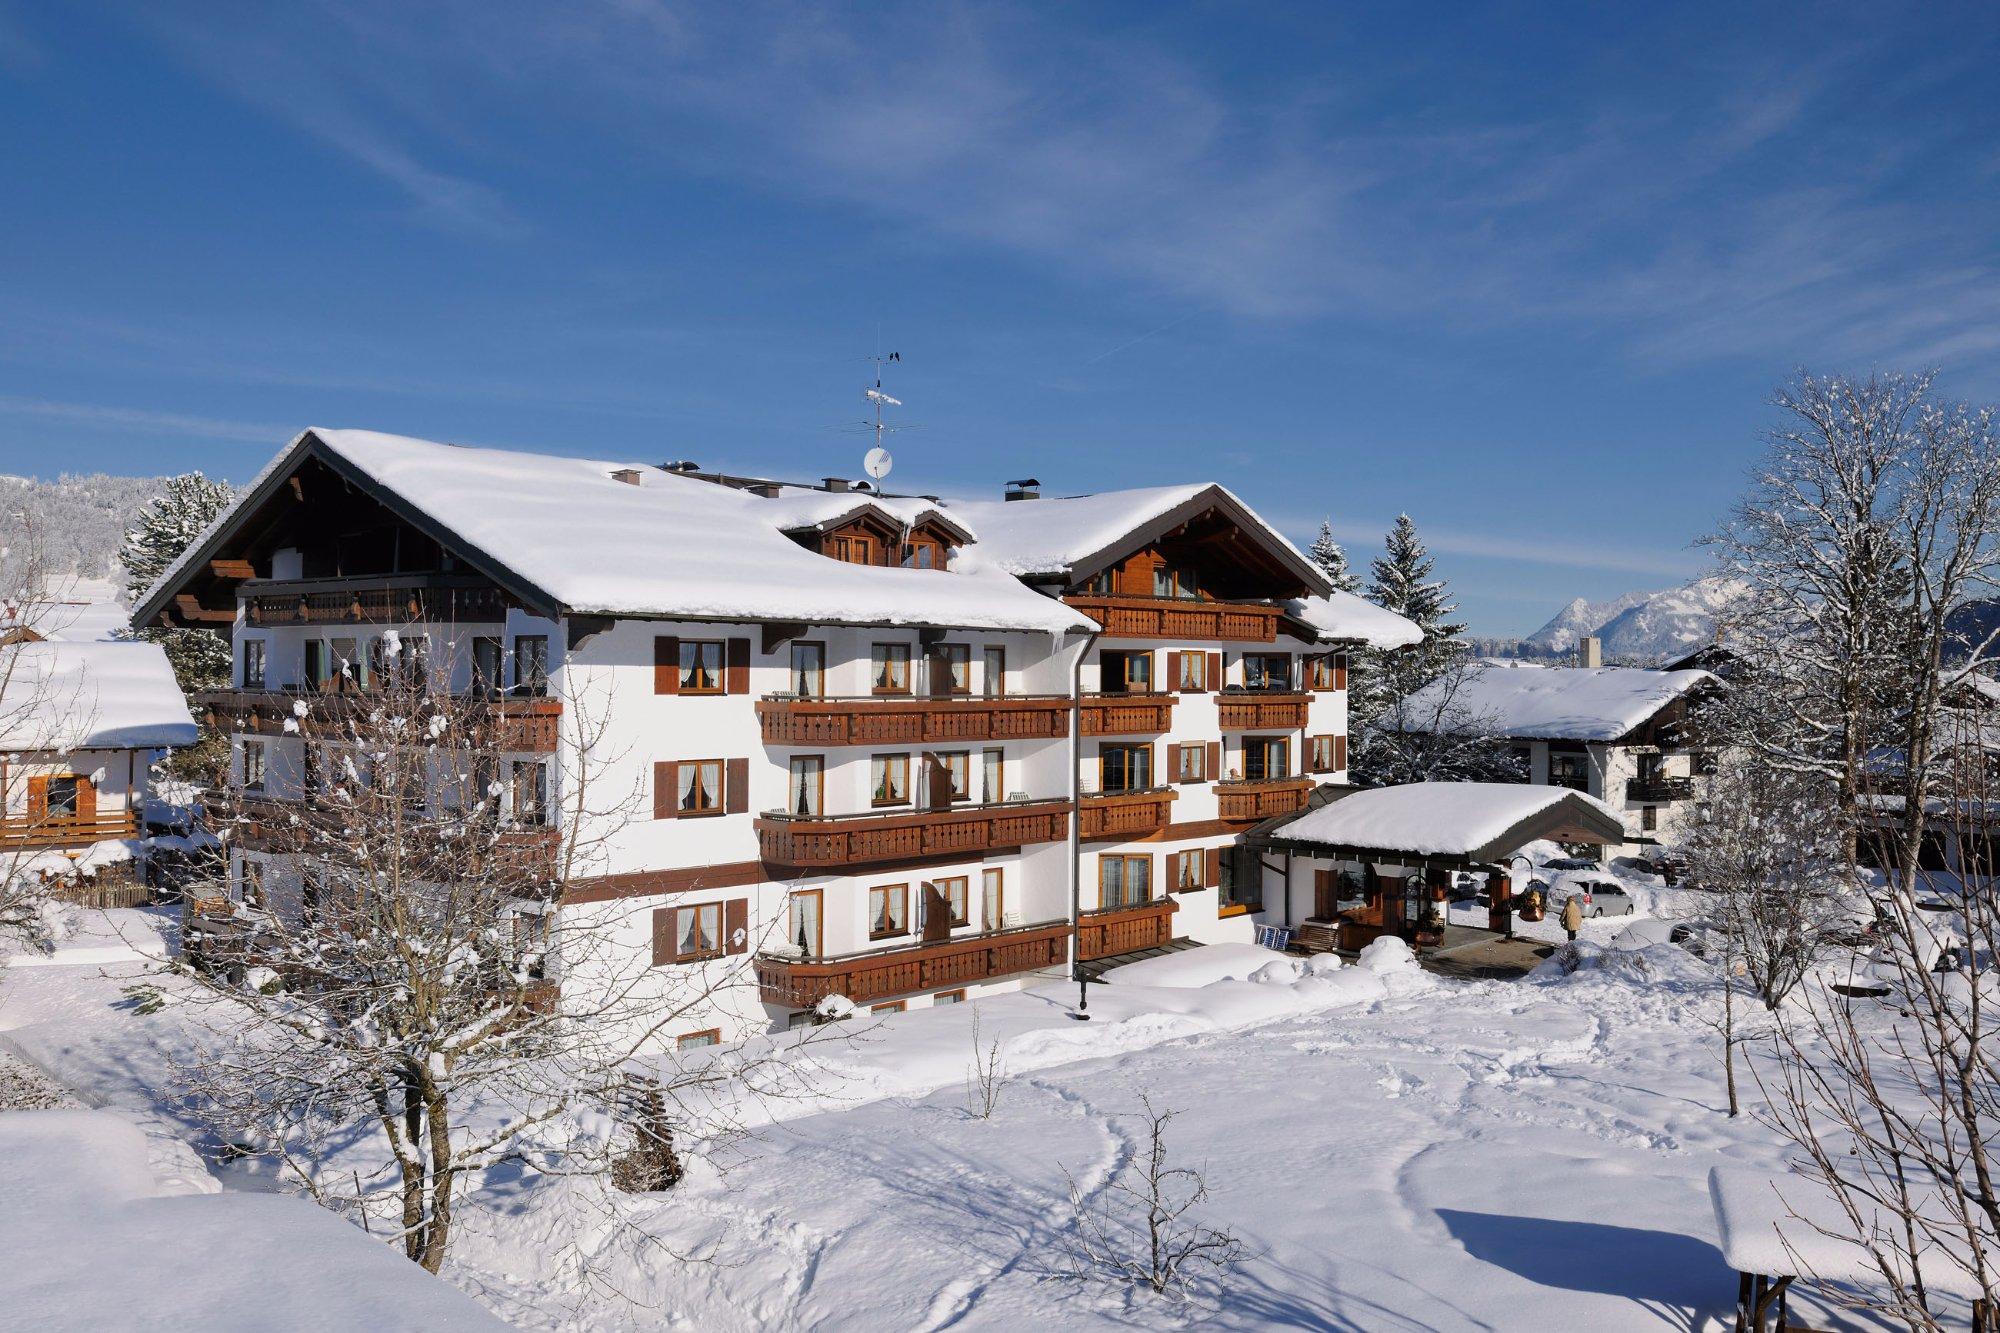 Hotel Rubihaus